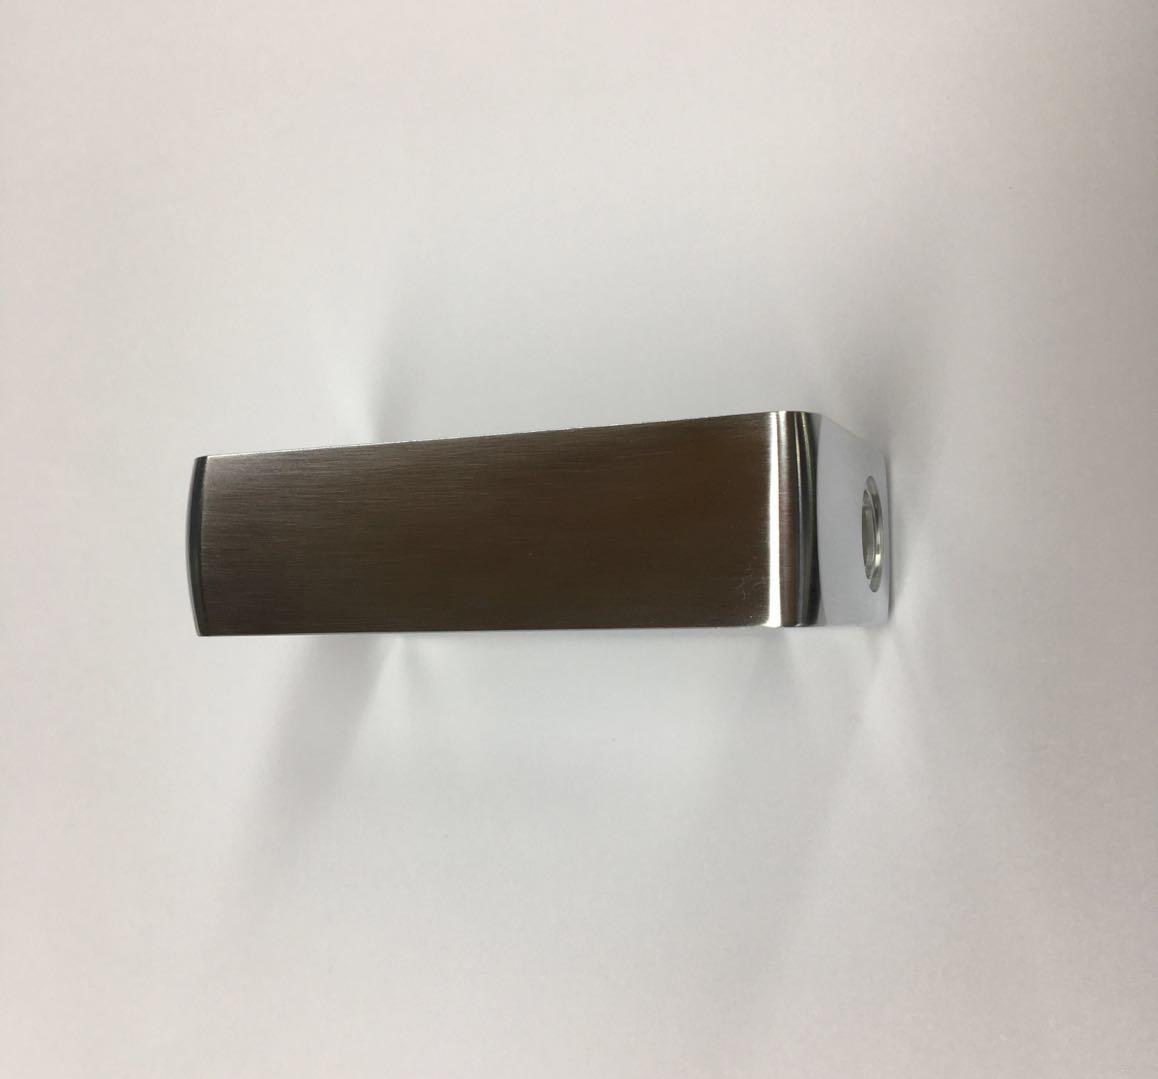 电子烟抛光